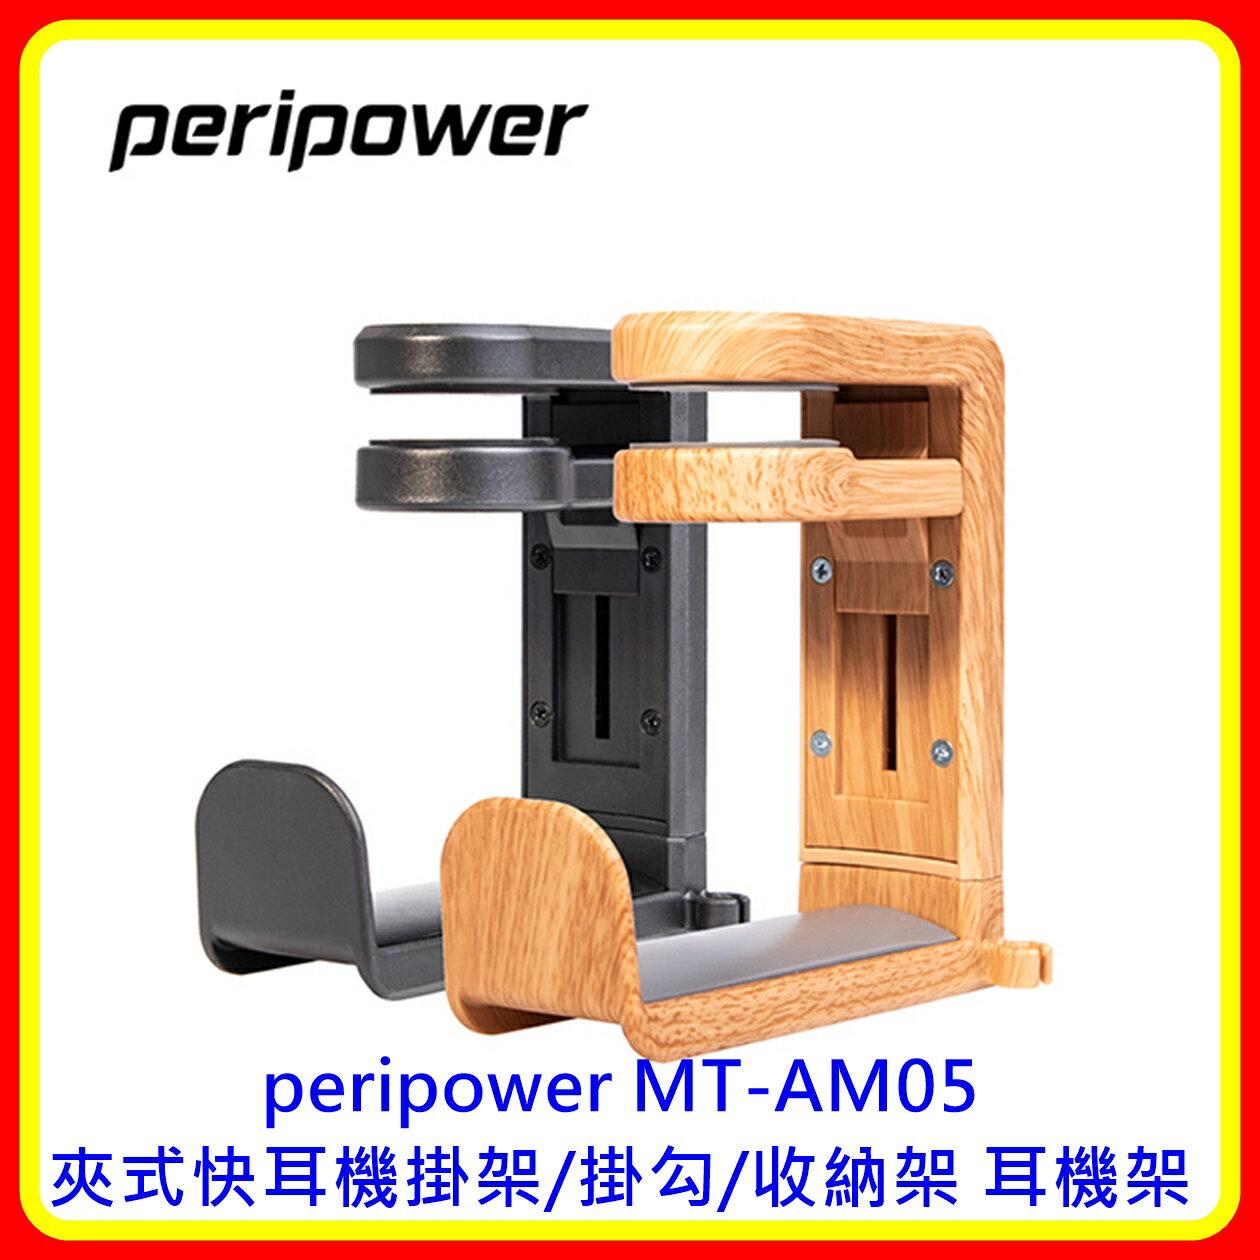 【現貨 開發票】peripower MT-AM05 夾式快耳機掛架/掛勾/收納架 耳機架 台灣公司貨